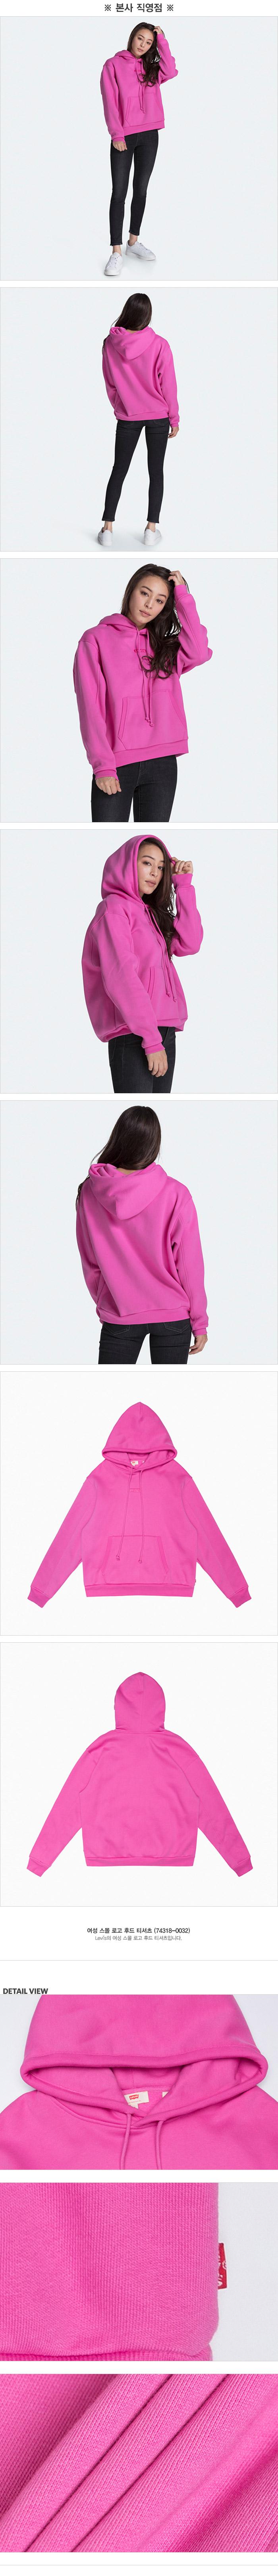 리바이스(LEVI'S) 여성 스몰 로고 후드 티셔츠_74318-0032